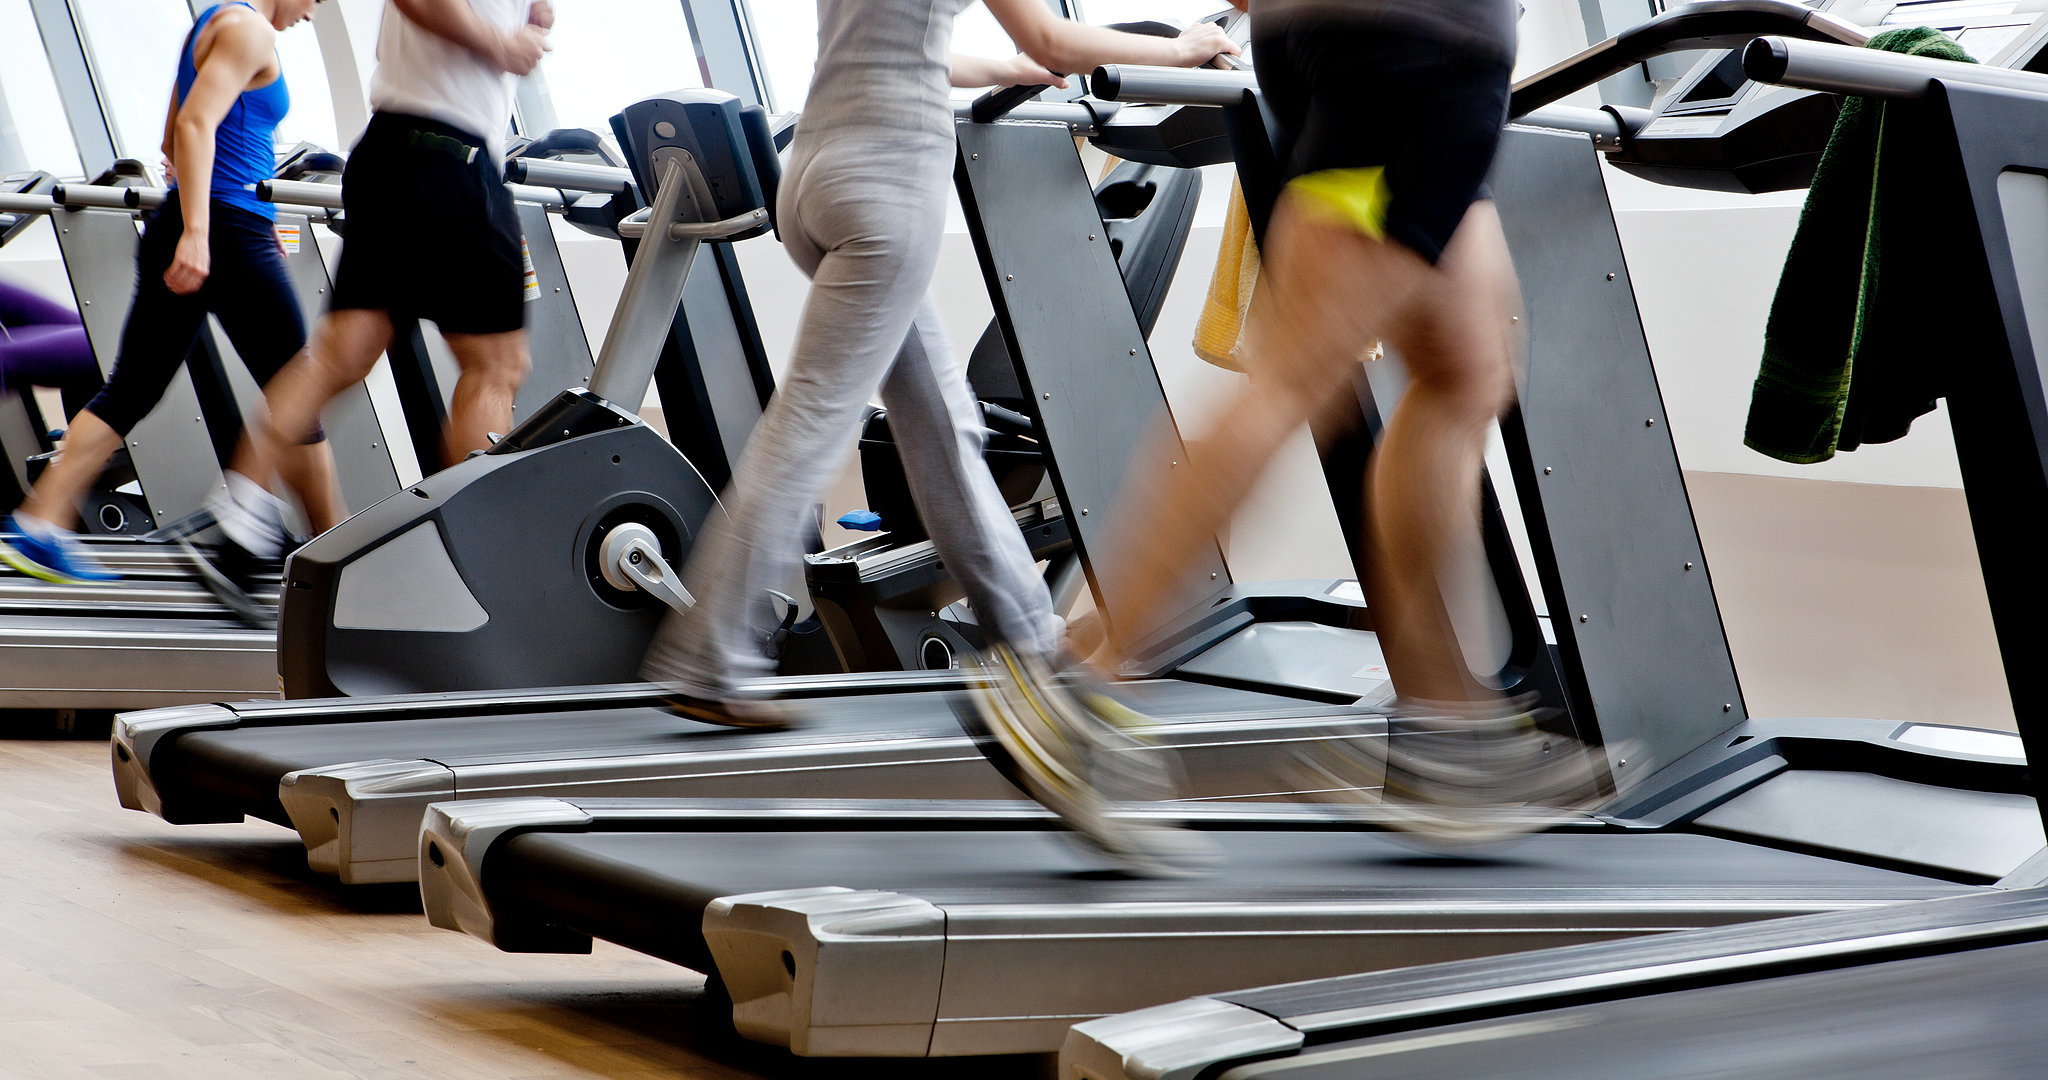 Kas yra bėgimo takelio testas ir koks tai yra? - Aritmija November